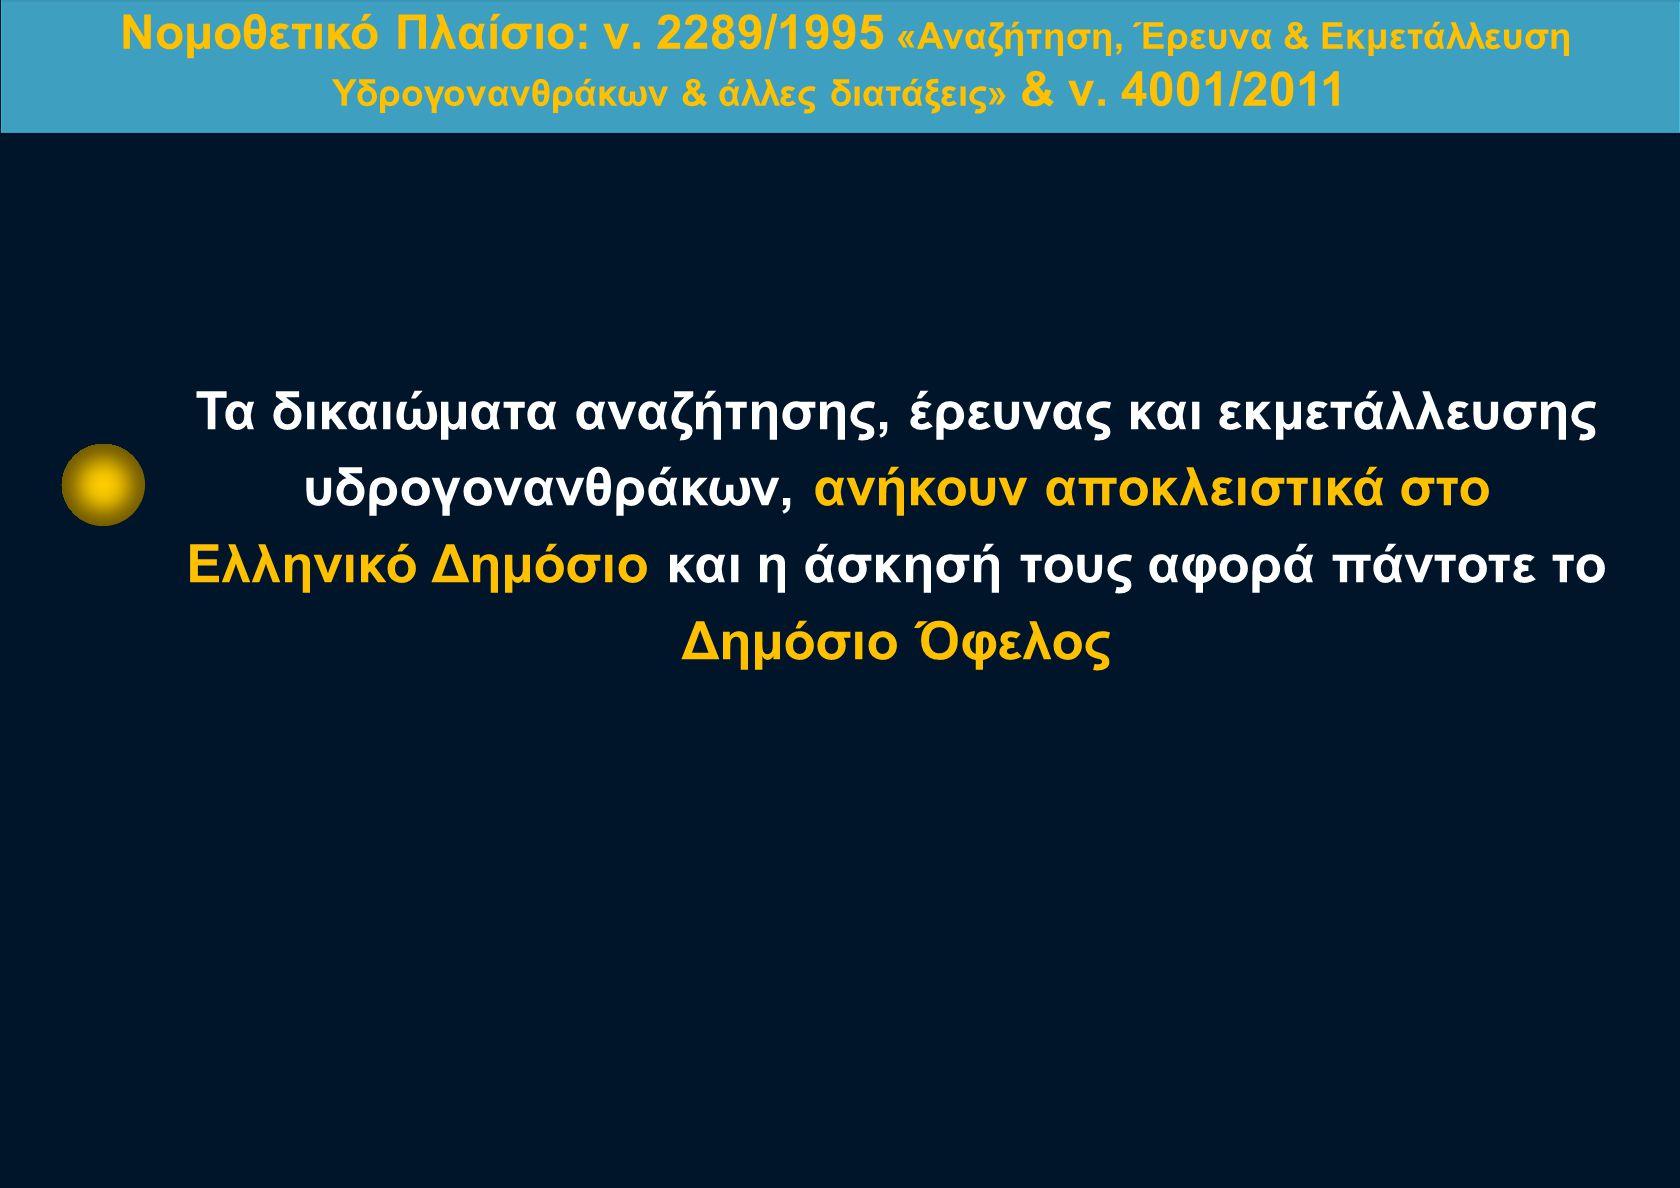 Νομοθετικό Πλαίσιο: ν. 2289/1995 «Αναζήτηση, Έρευνα & Εκμετάλλευση Υδρογονανθράκων & άλλες διατάξεις» & ν. 4001/2011 Τα δικαιώματα αναζήτησης, έρευνας